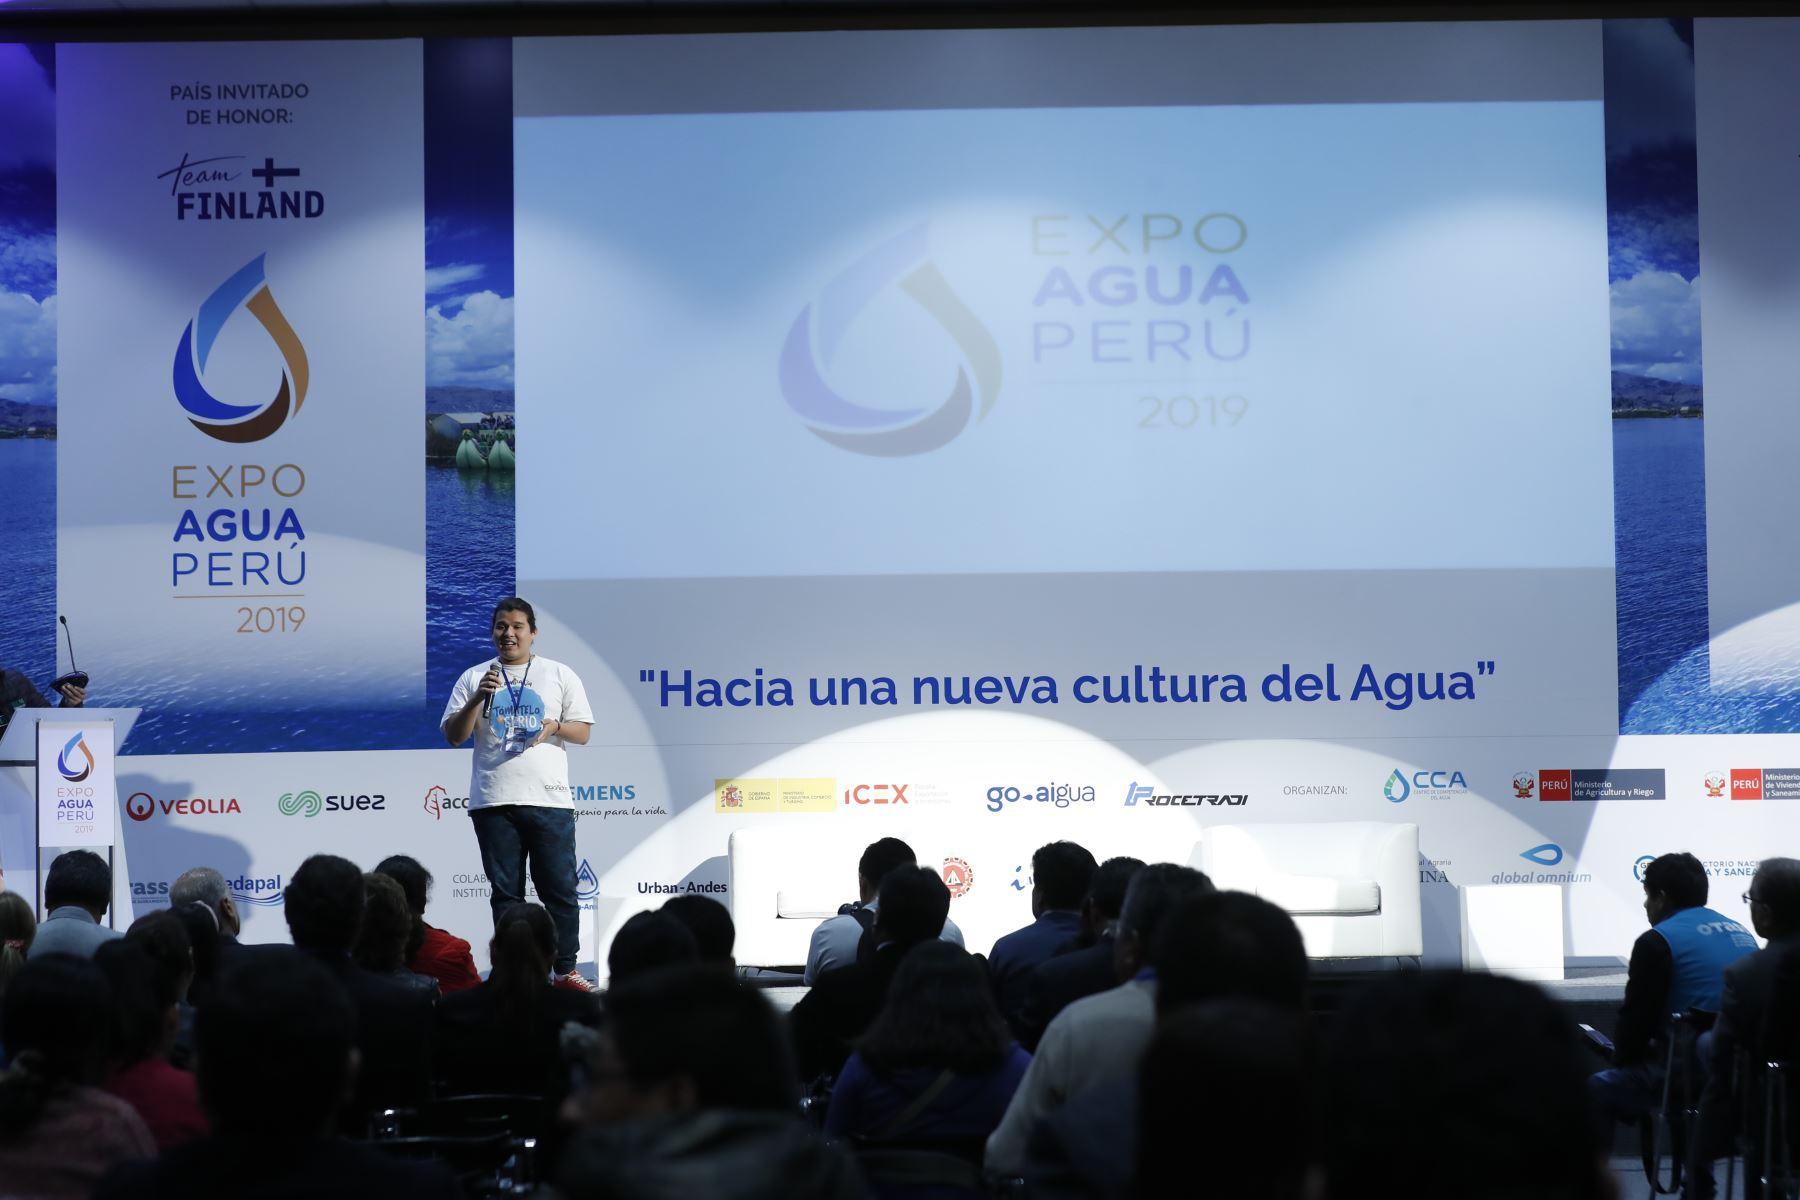 Roberto Aguilar, universitario y voluntario promotor del agua recibe reconocimiento por parte del Ing. Amarildo Fernández del ANA. Foto: ANDINA/Renato Pajuelo